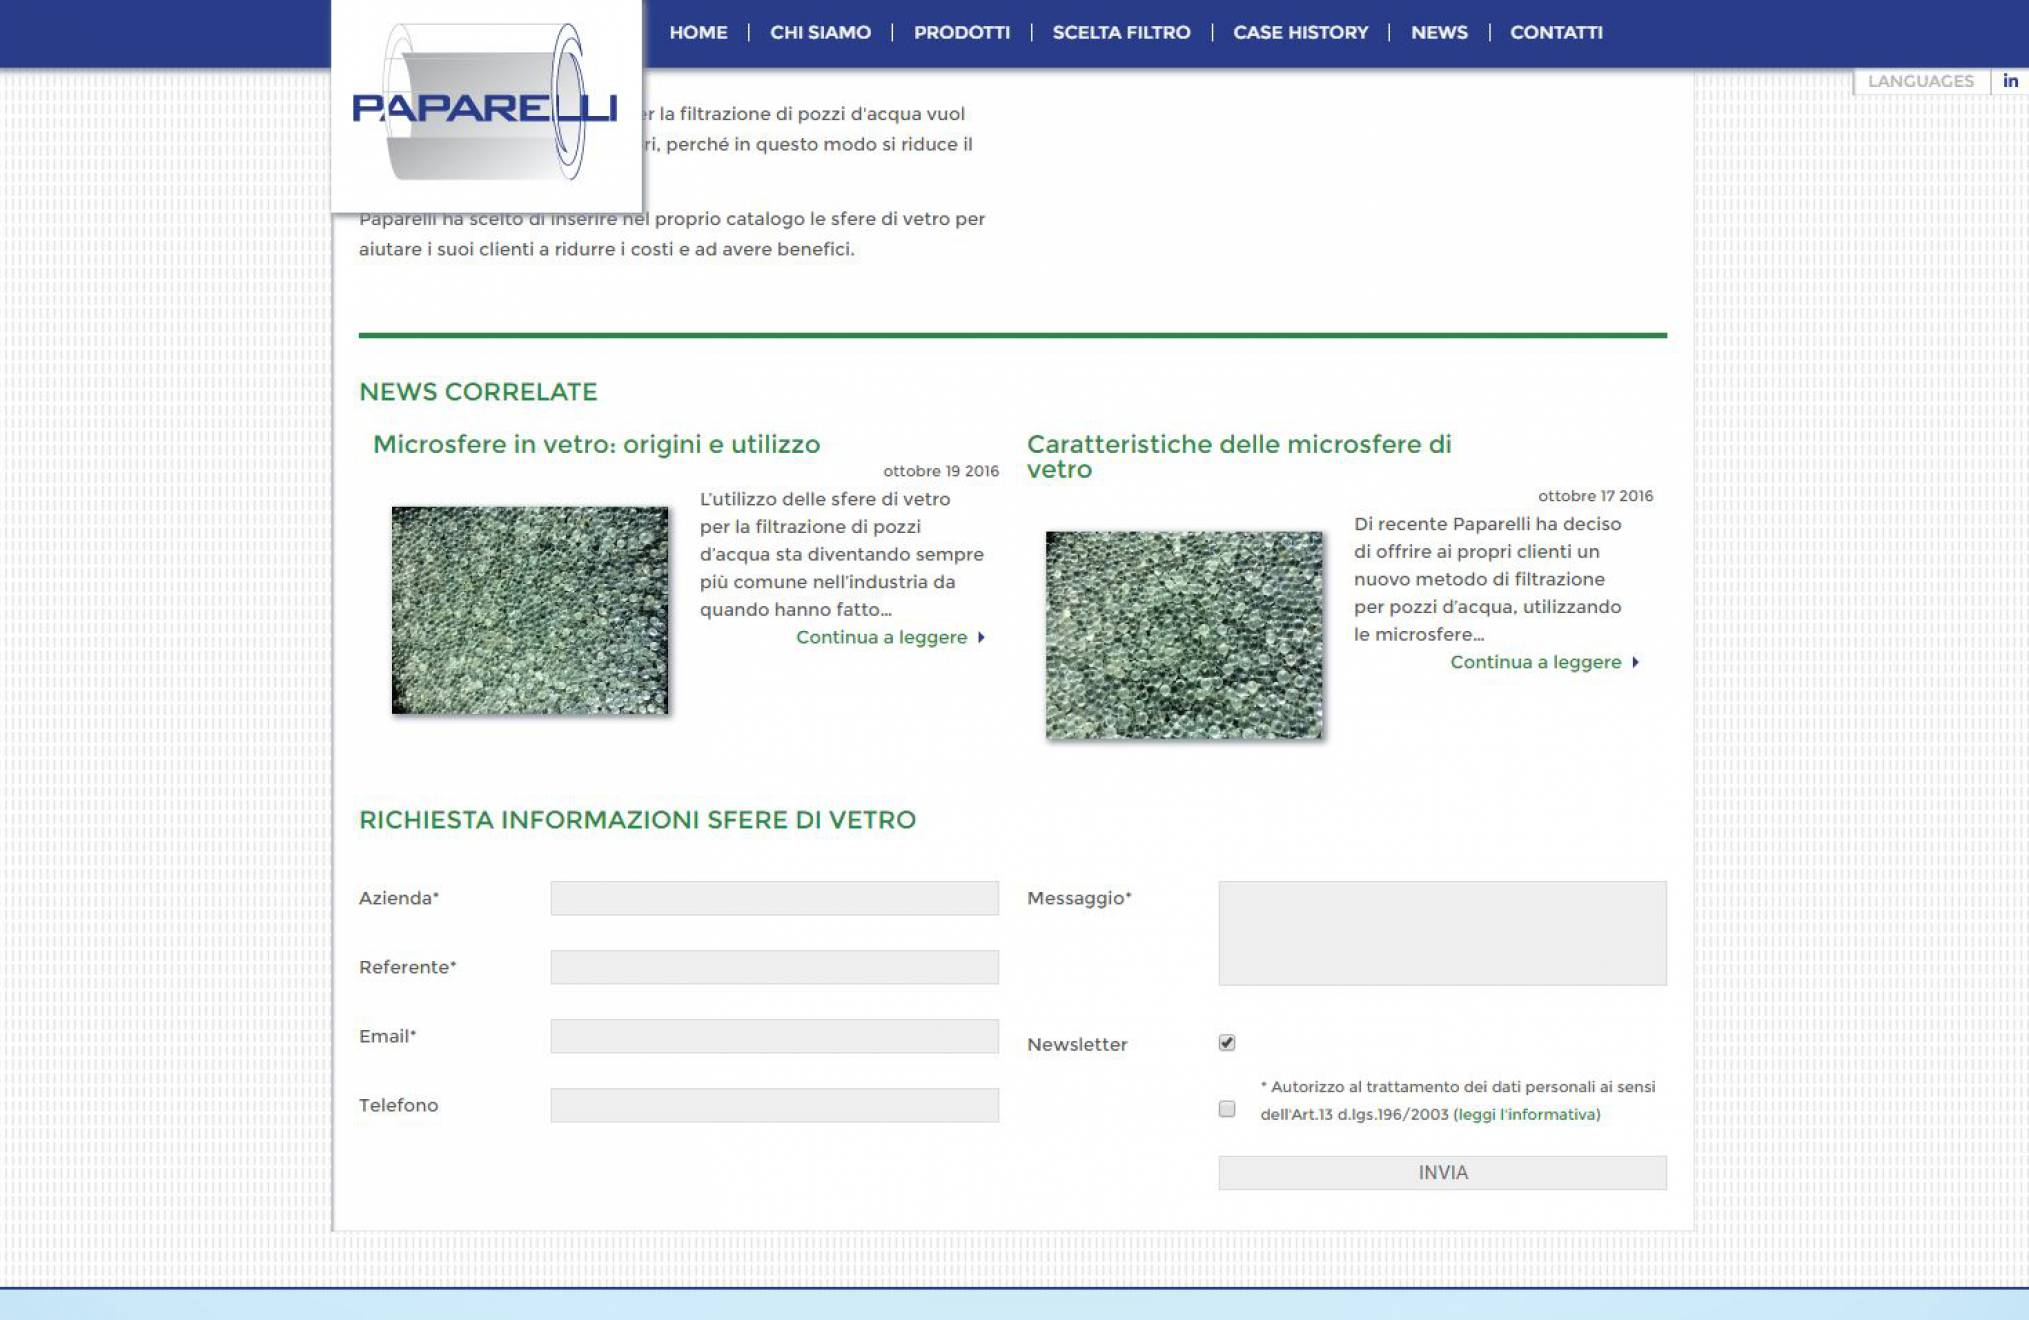 Realizzazione sito internet keywords sfere di vetro Paparelli